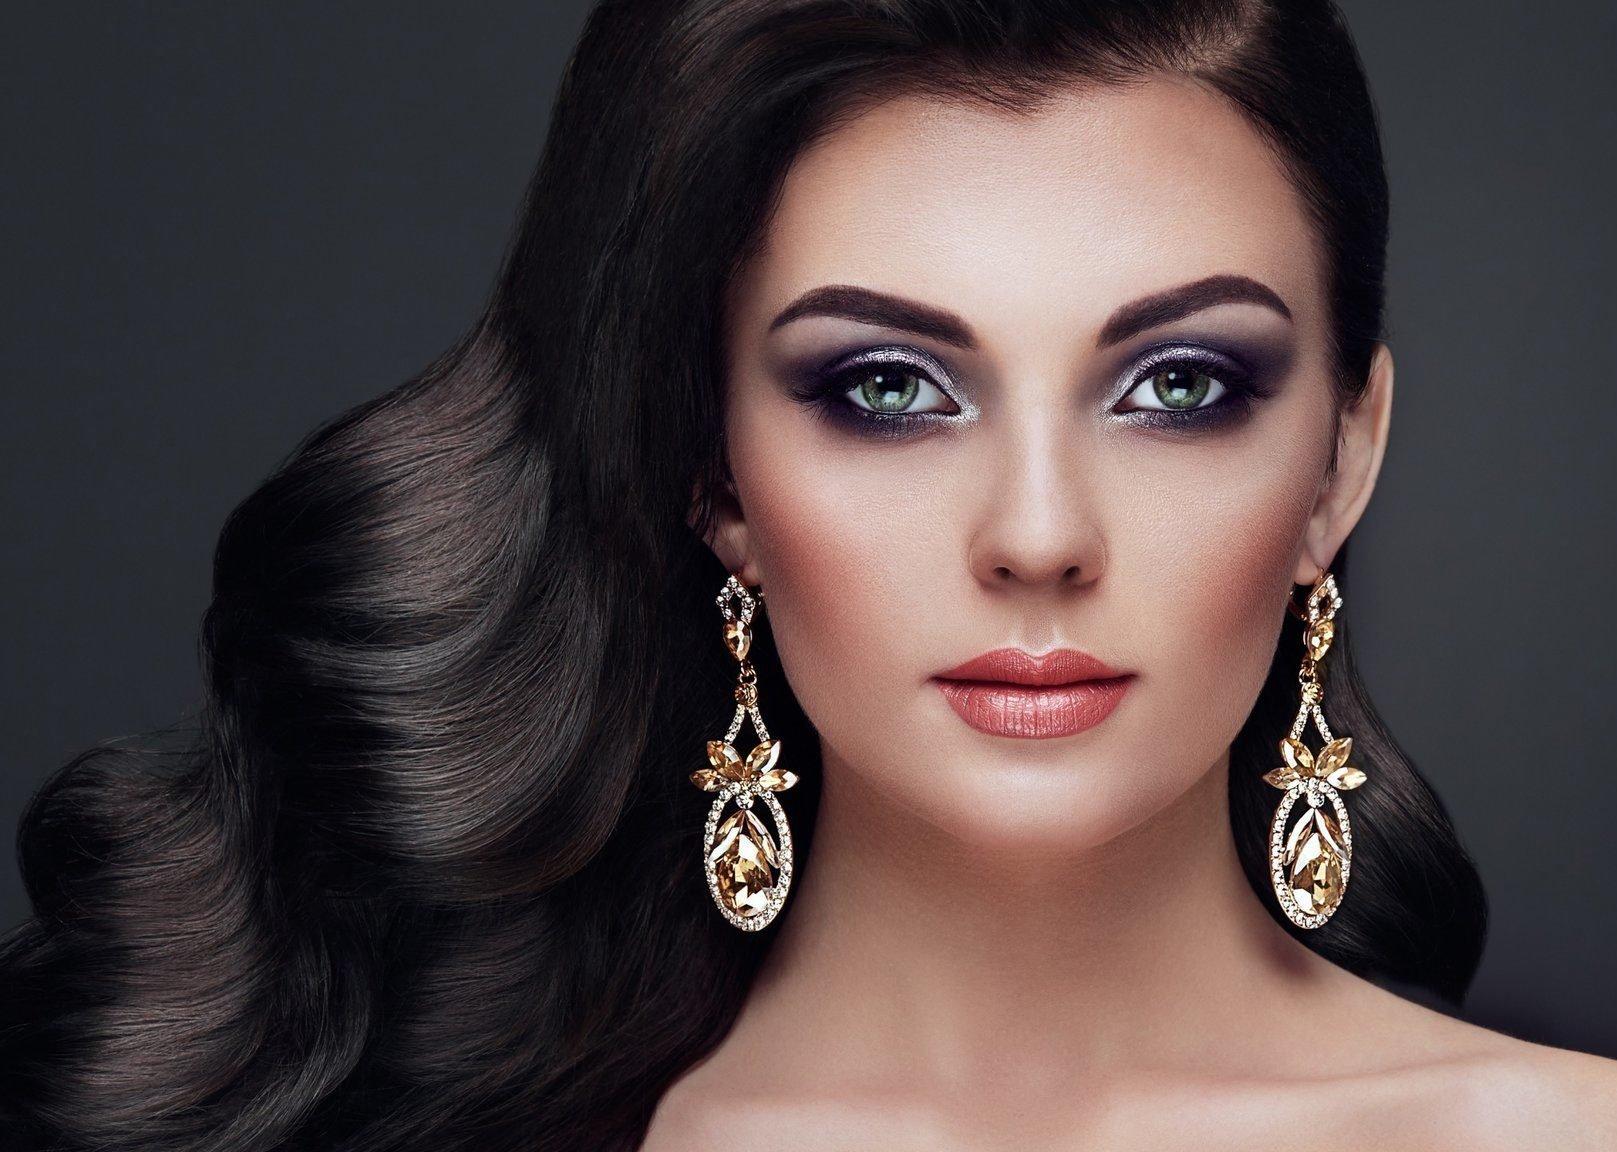 Макияж для брюнеток - фото и видео. Как сделать красивый макияж для брюнеток пошагово